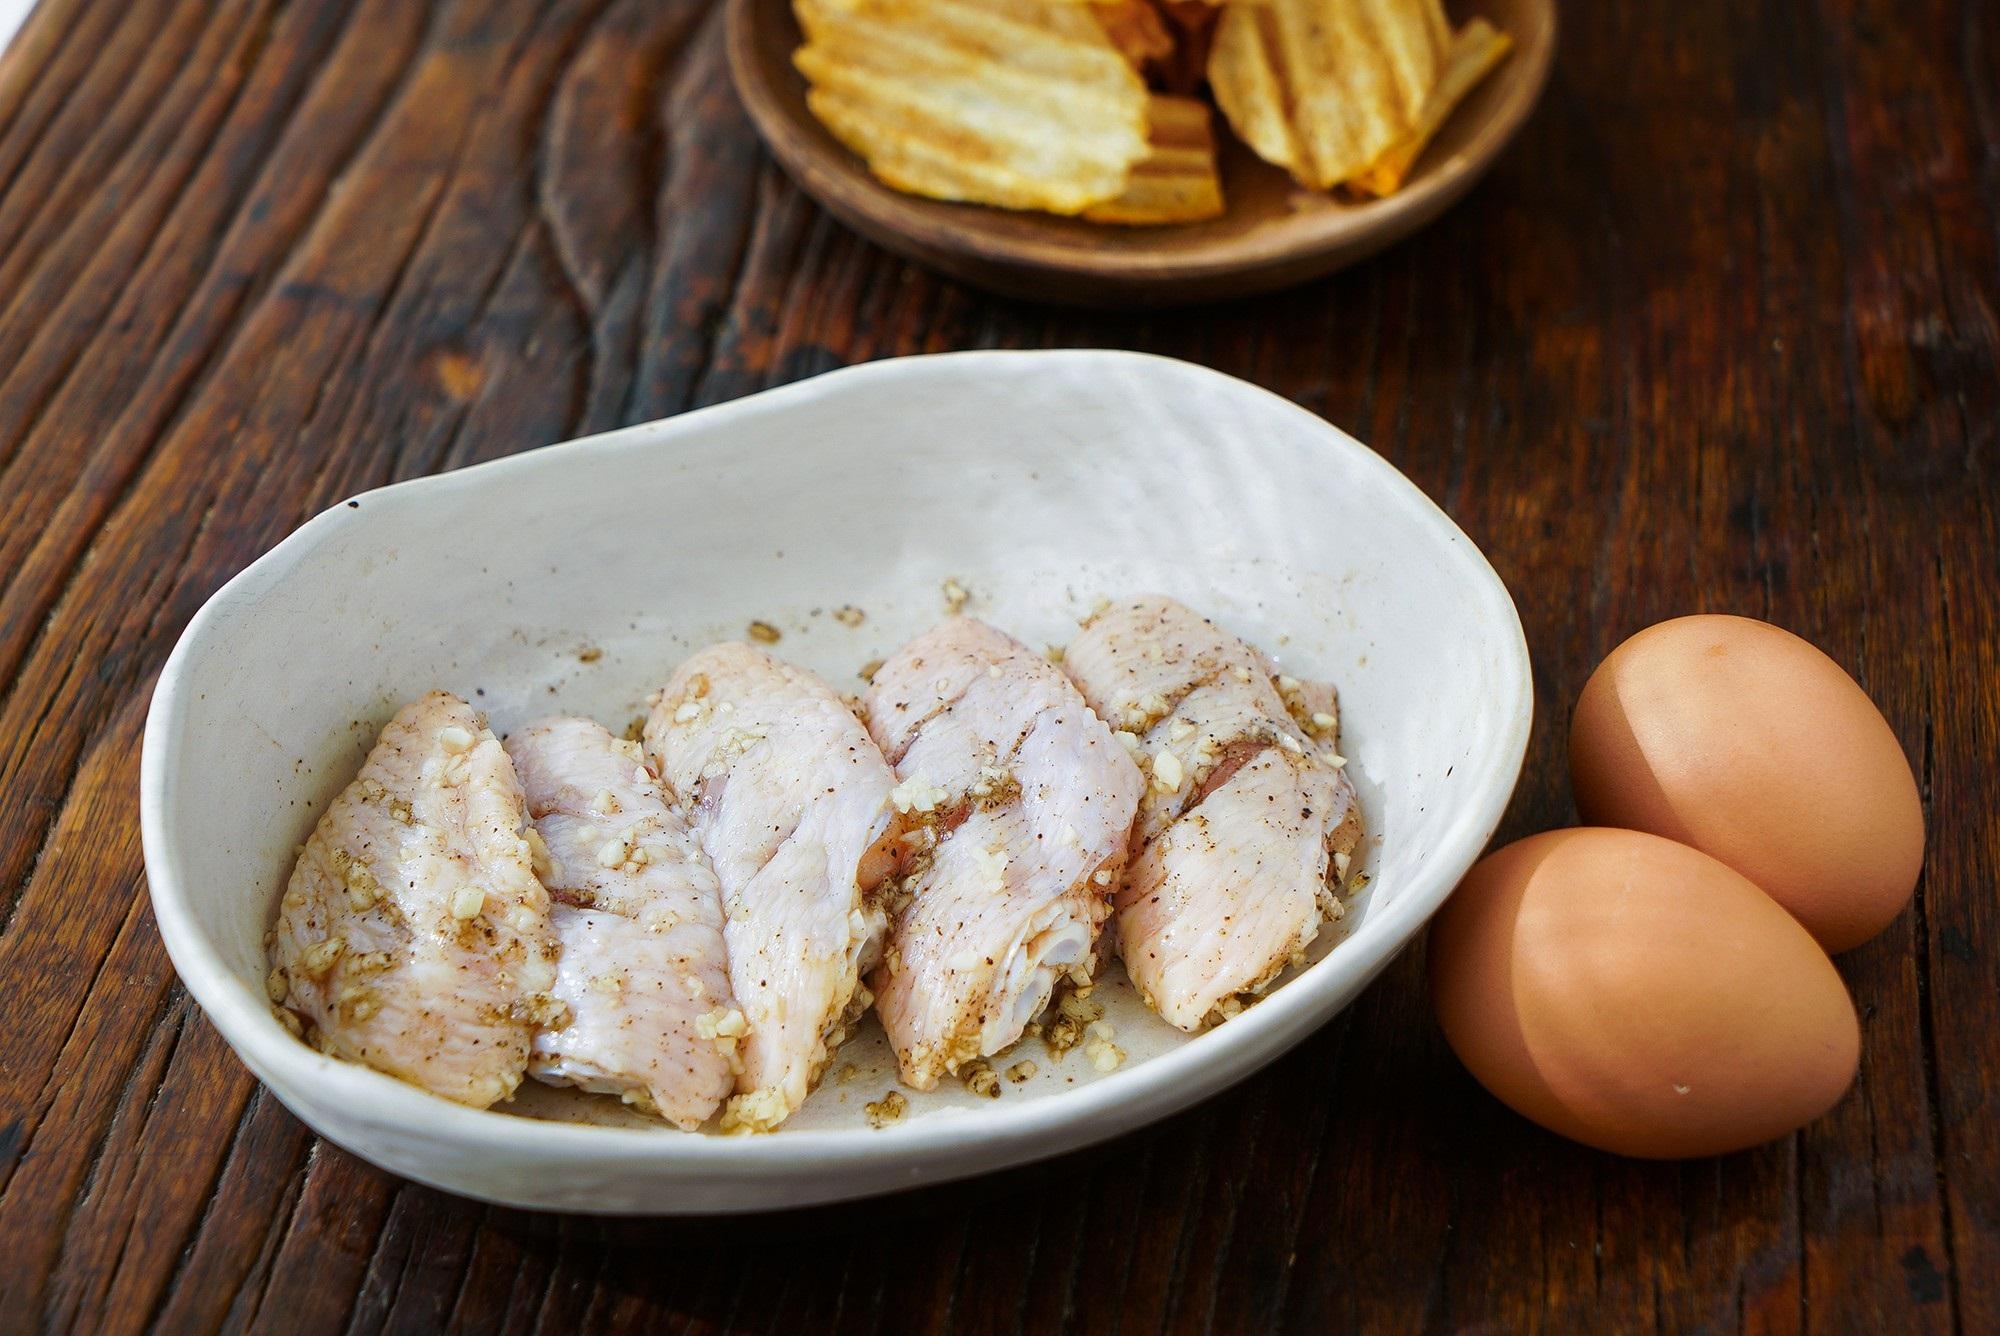 Làm món cánh gà nướng giòn tan vàng ruộm này đảm bảo cả nhà sẽ mê mẩn - Ảnh 2